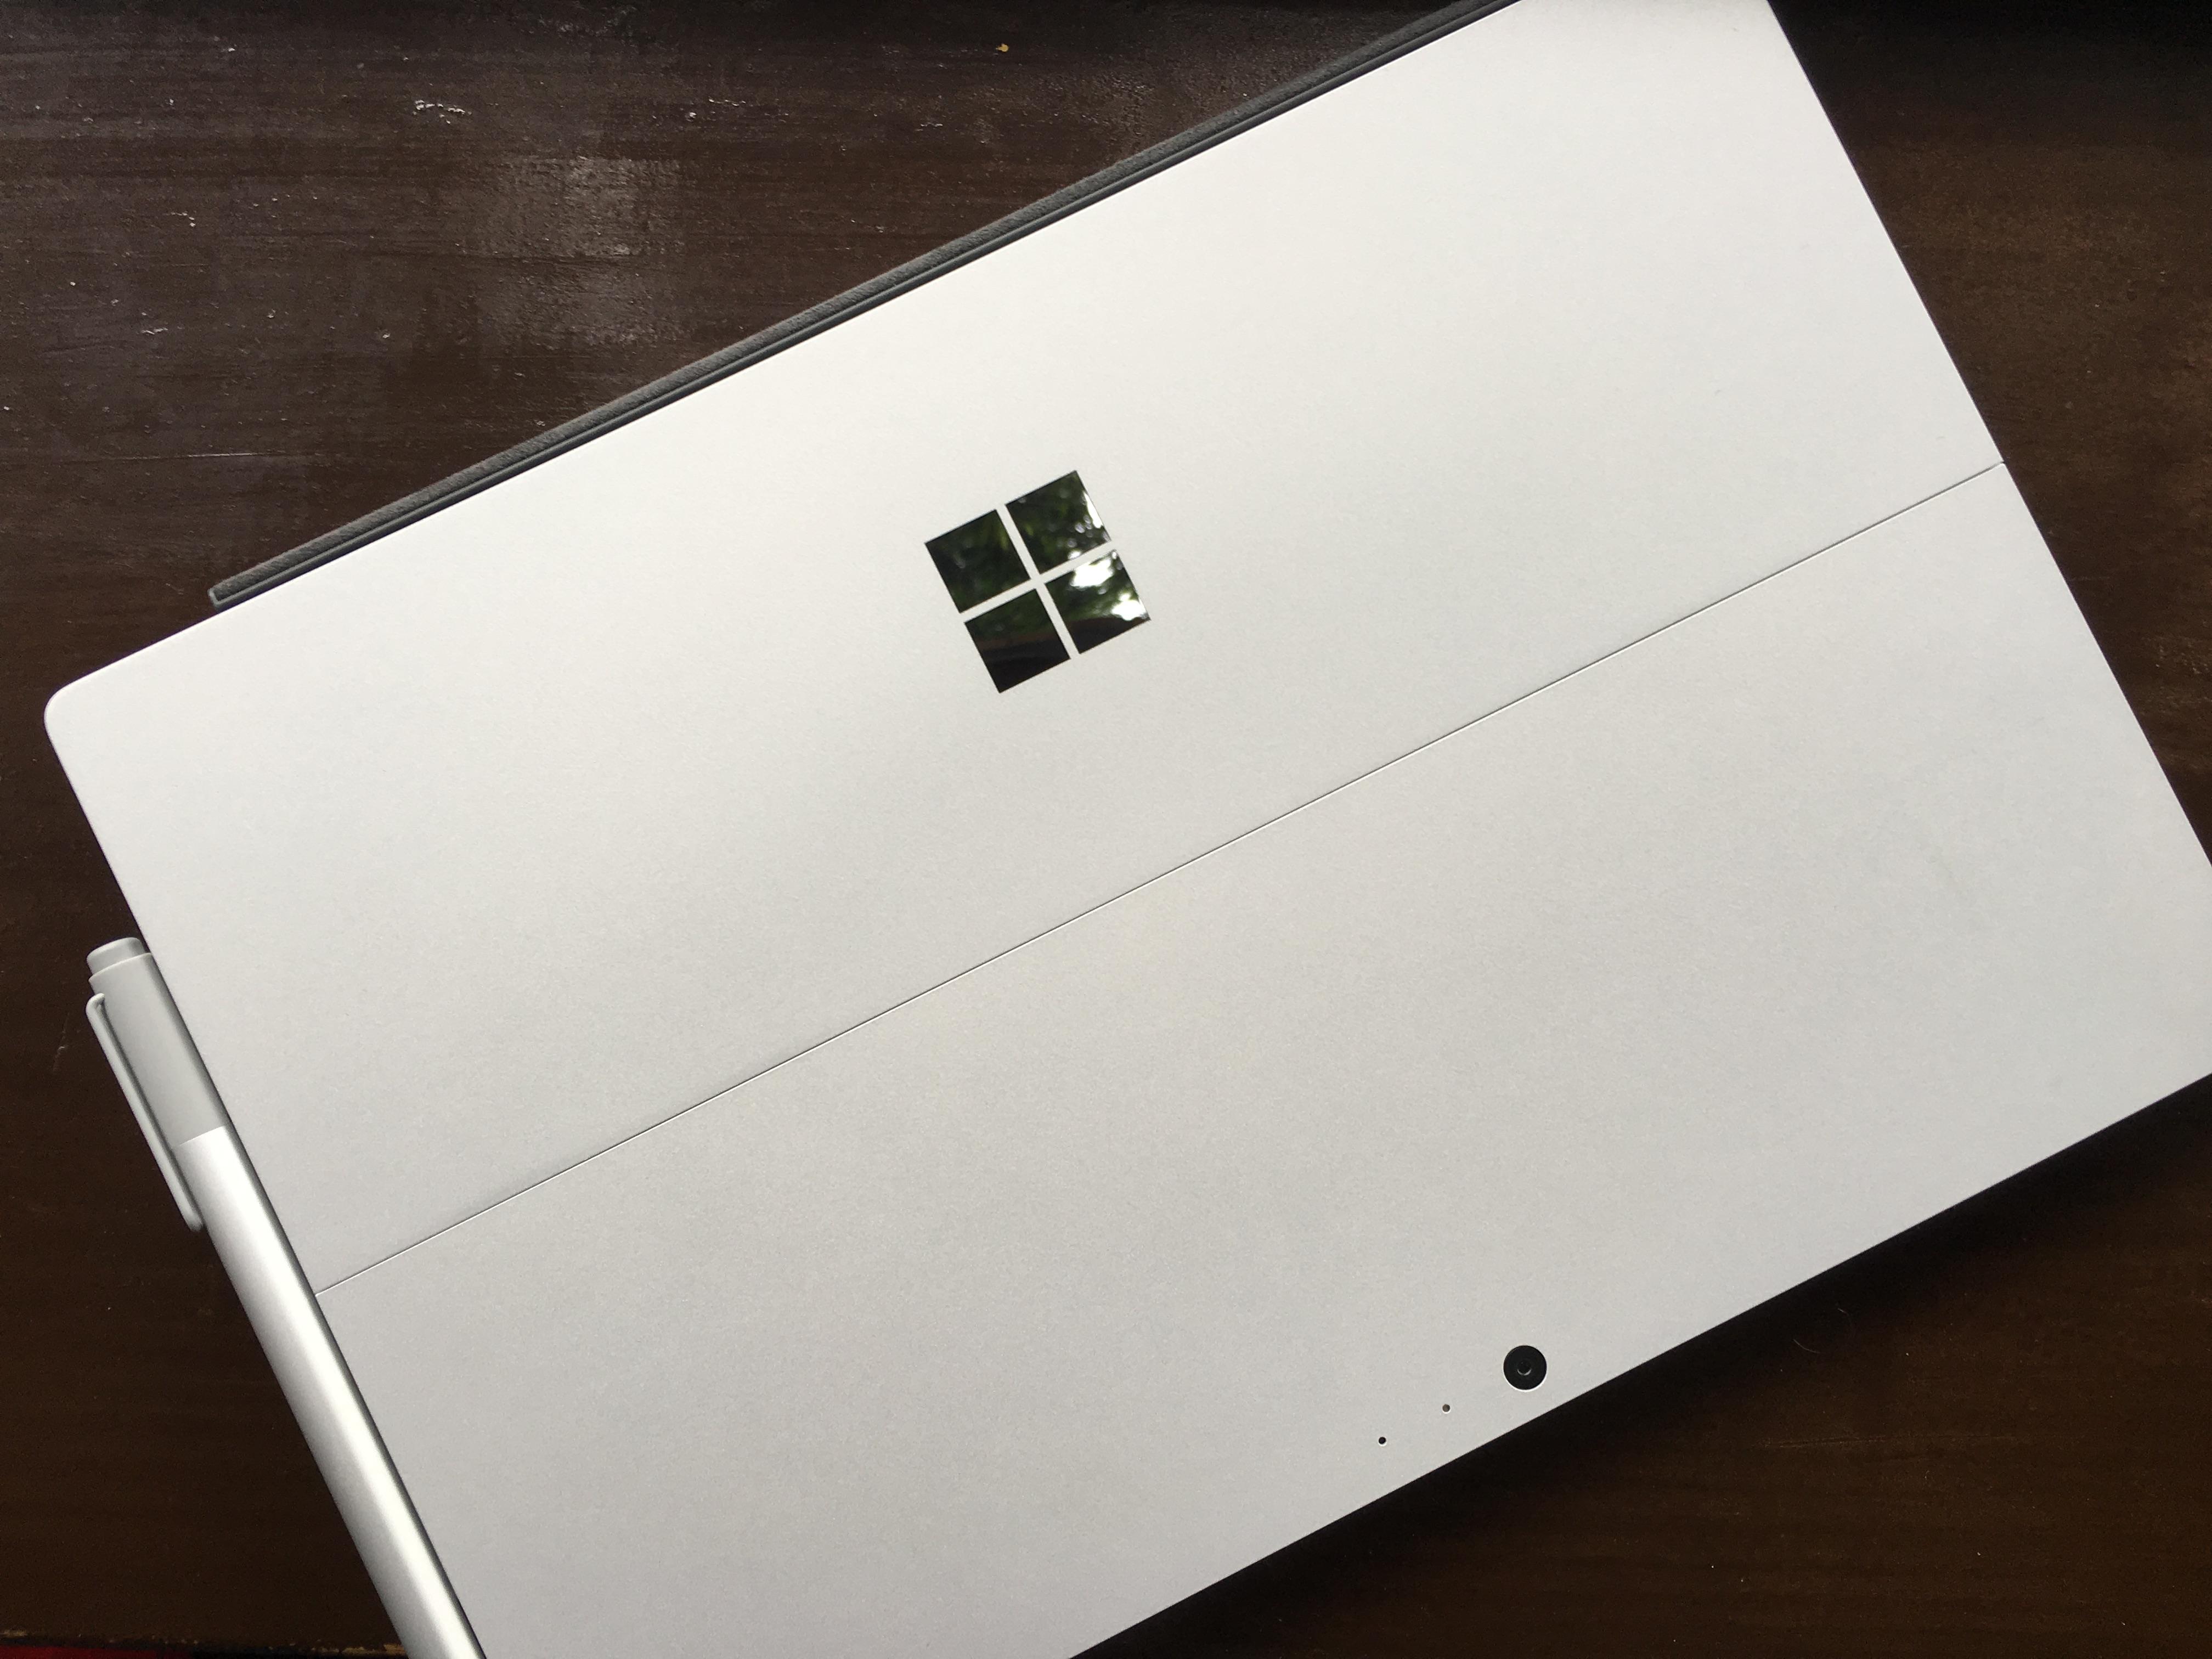 Surface Pro 4 tar seg svært godt ut samtidig som vi ikke er redde for at den skal ripe lett.